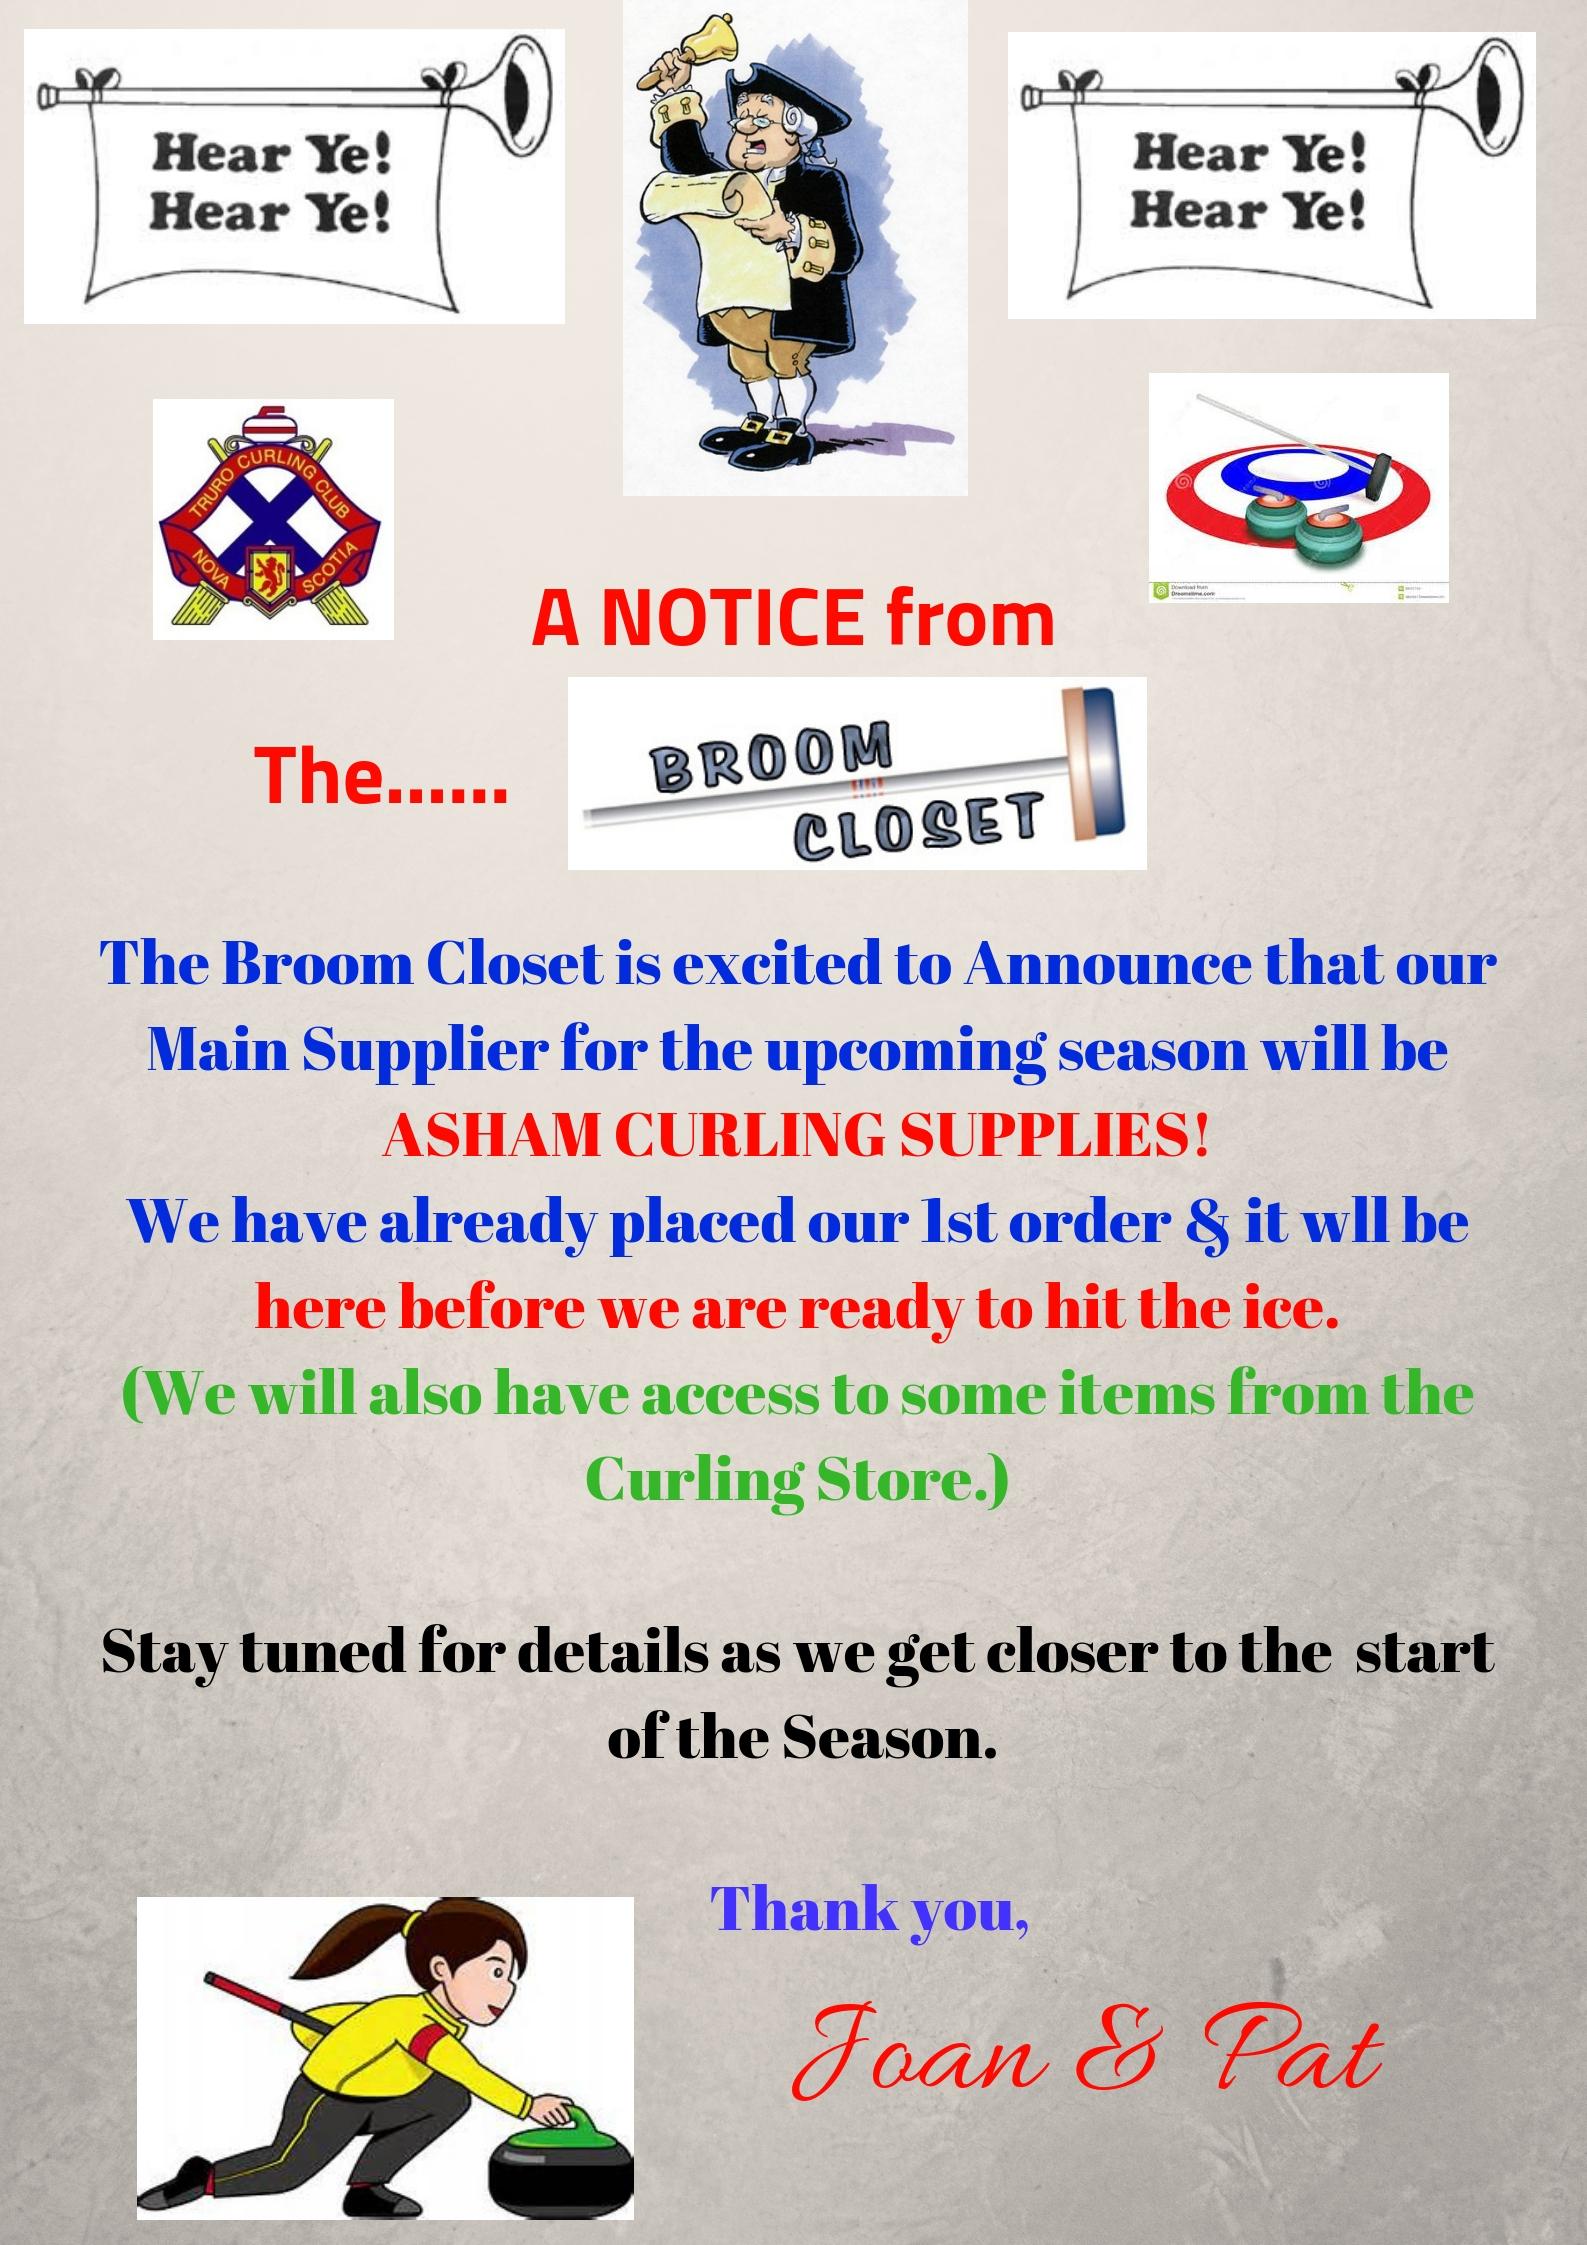 Truro Curling Club - Broom Closet Notice